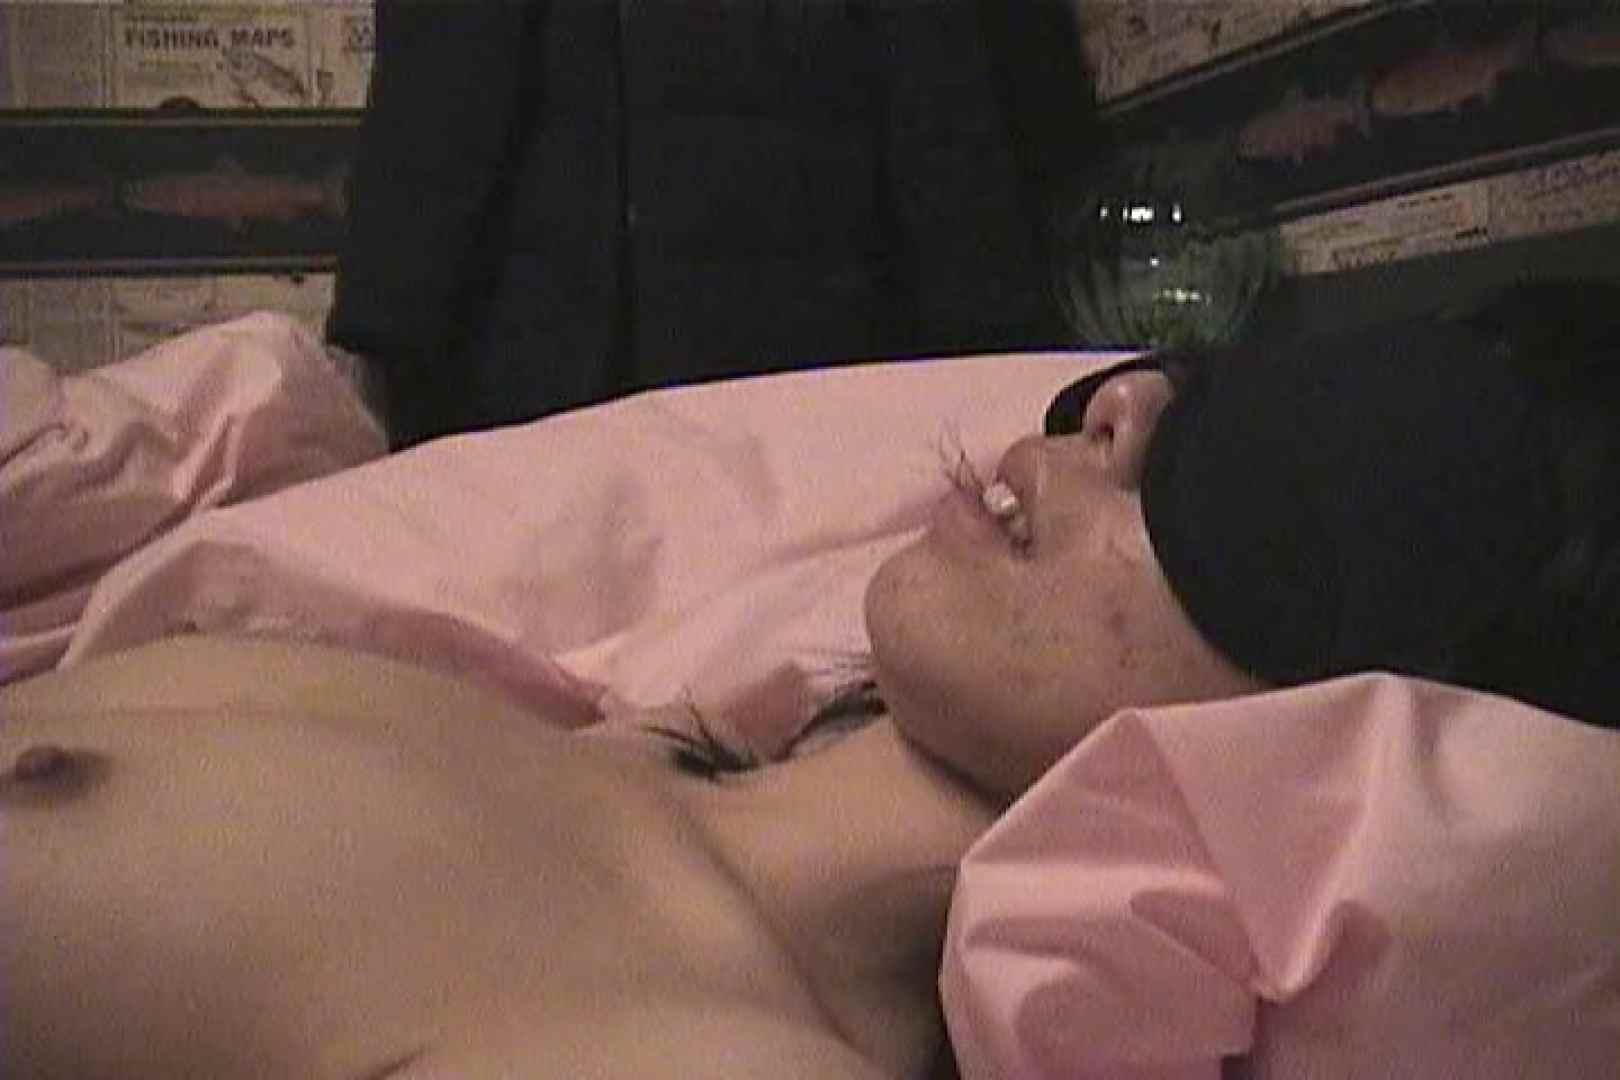 クリ責めおしっこ嬢・バージン短大生 ゆい20才Vol.1 パイパン娘 おまんこ無修正動画無料 111連発 14